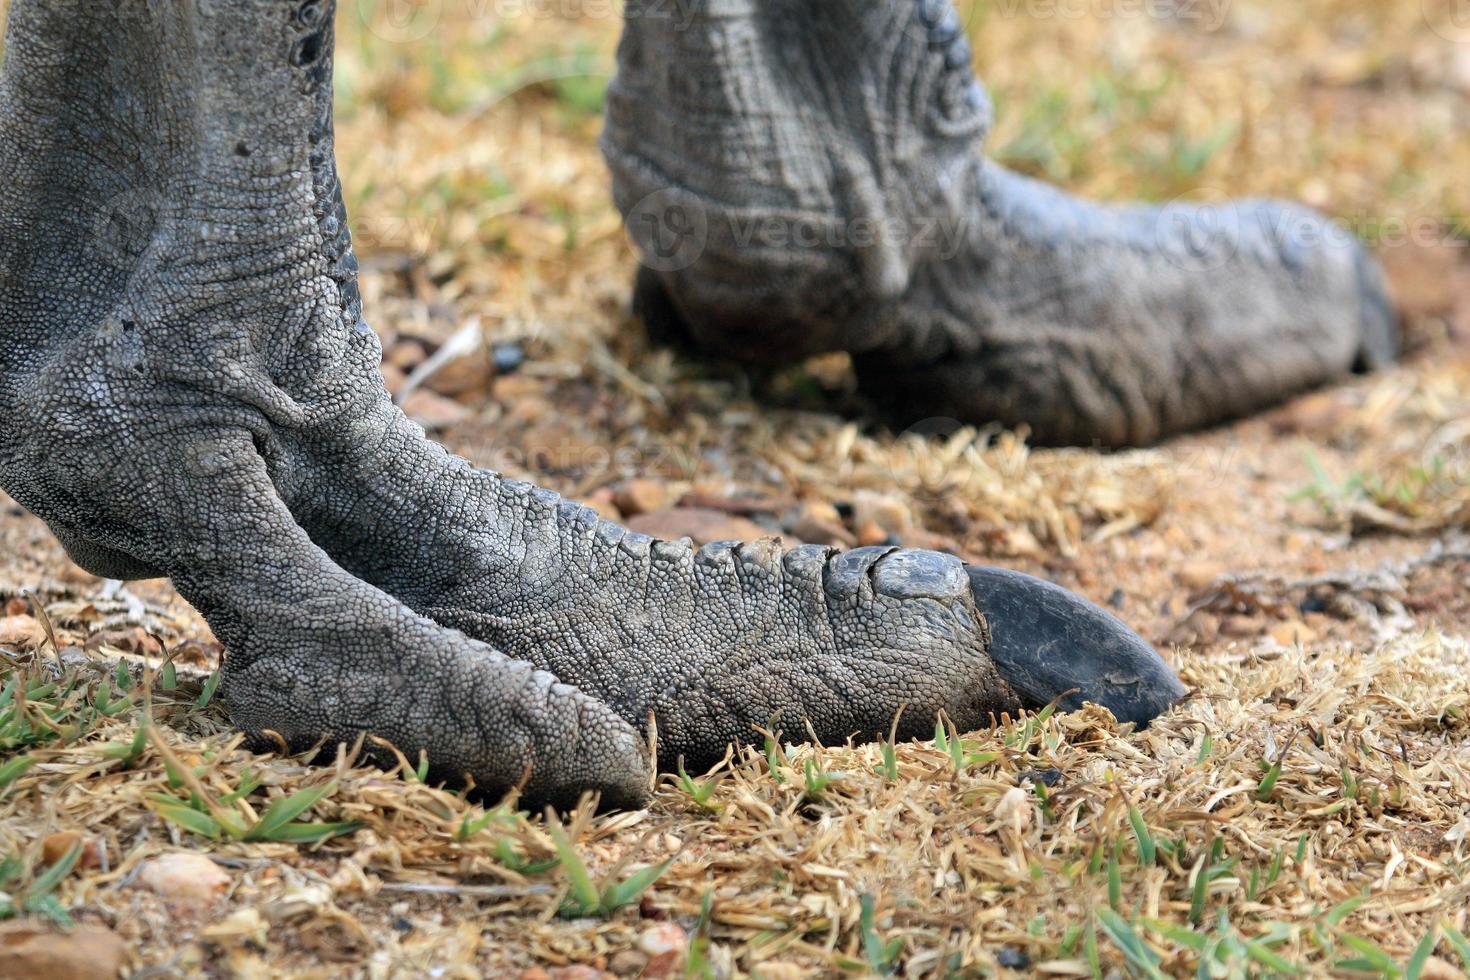 patte d'autruche africaine. la patte de l'oiseau. afrique du sud, лапа страуса африканского. нога птицы photo